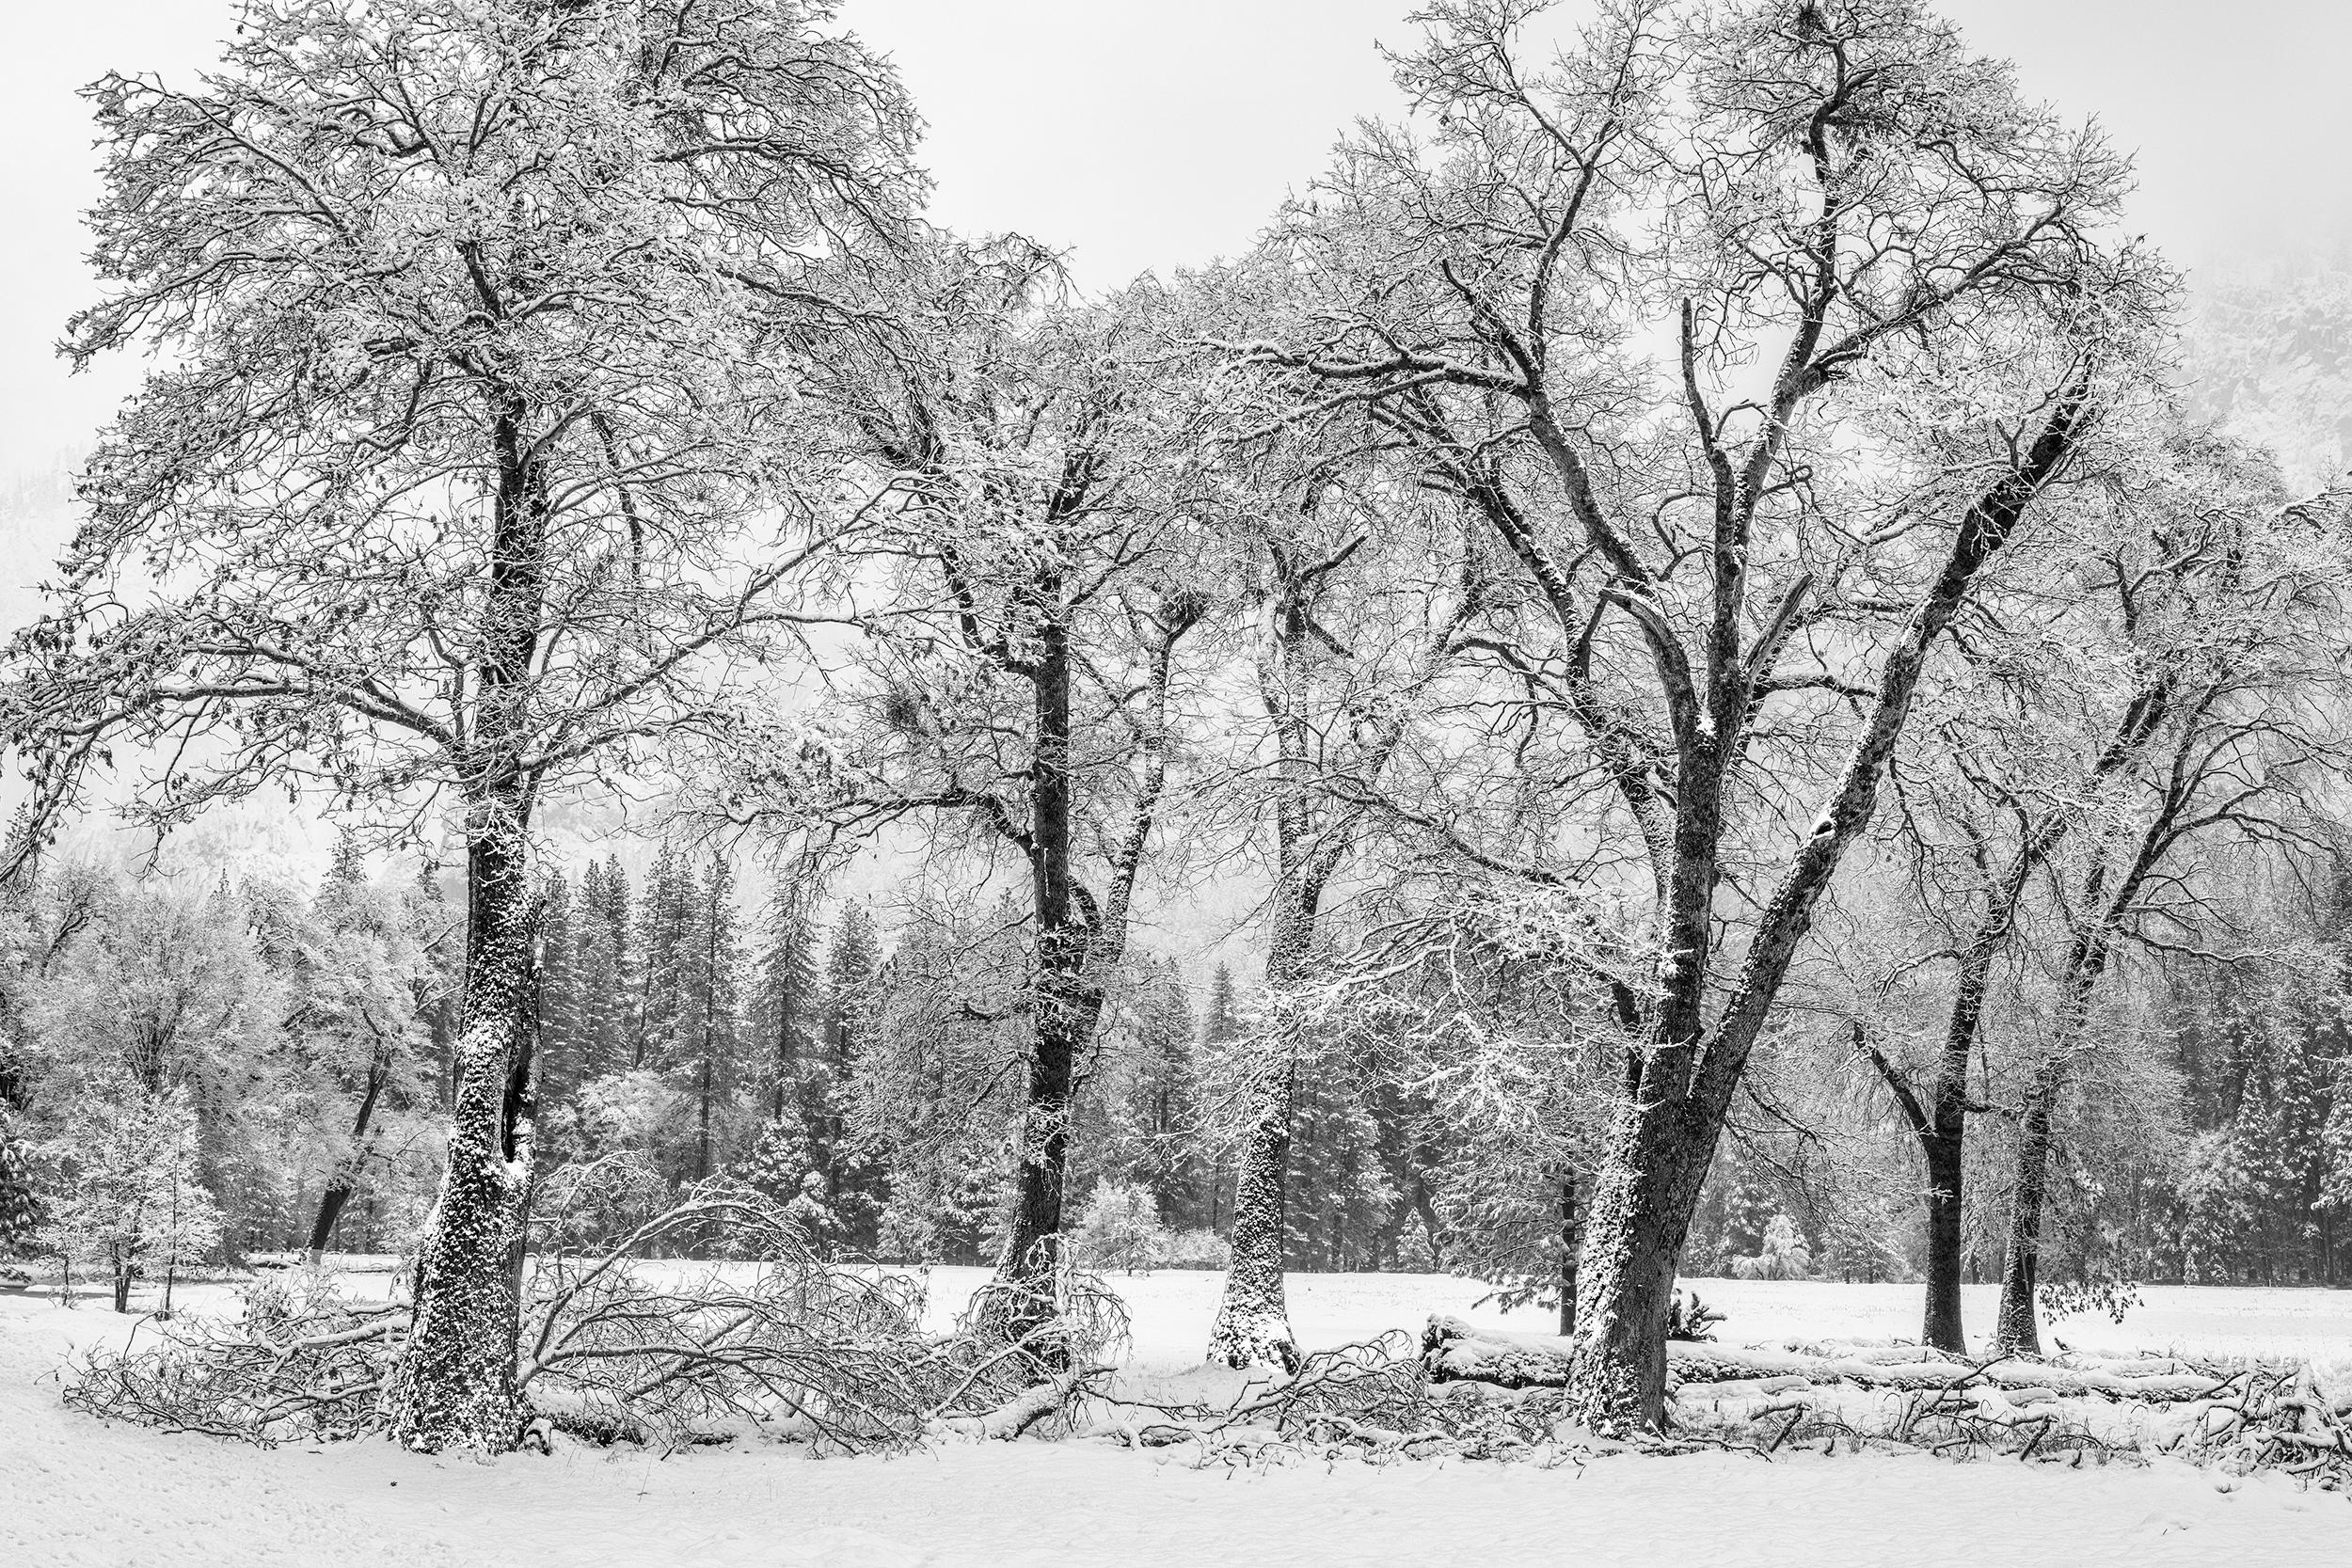 El Capitan Meadow Oaks in Snow (4568-71BW)